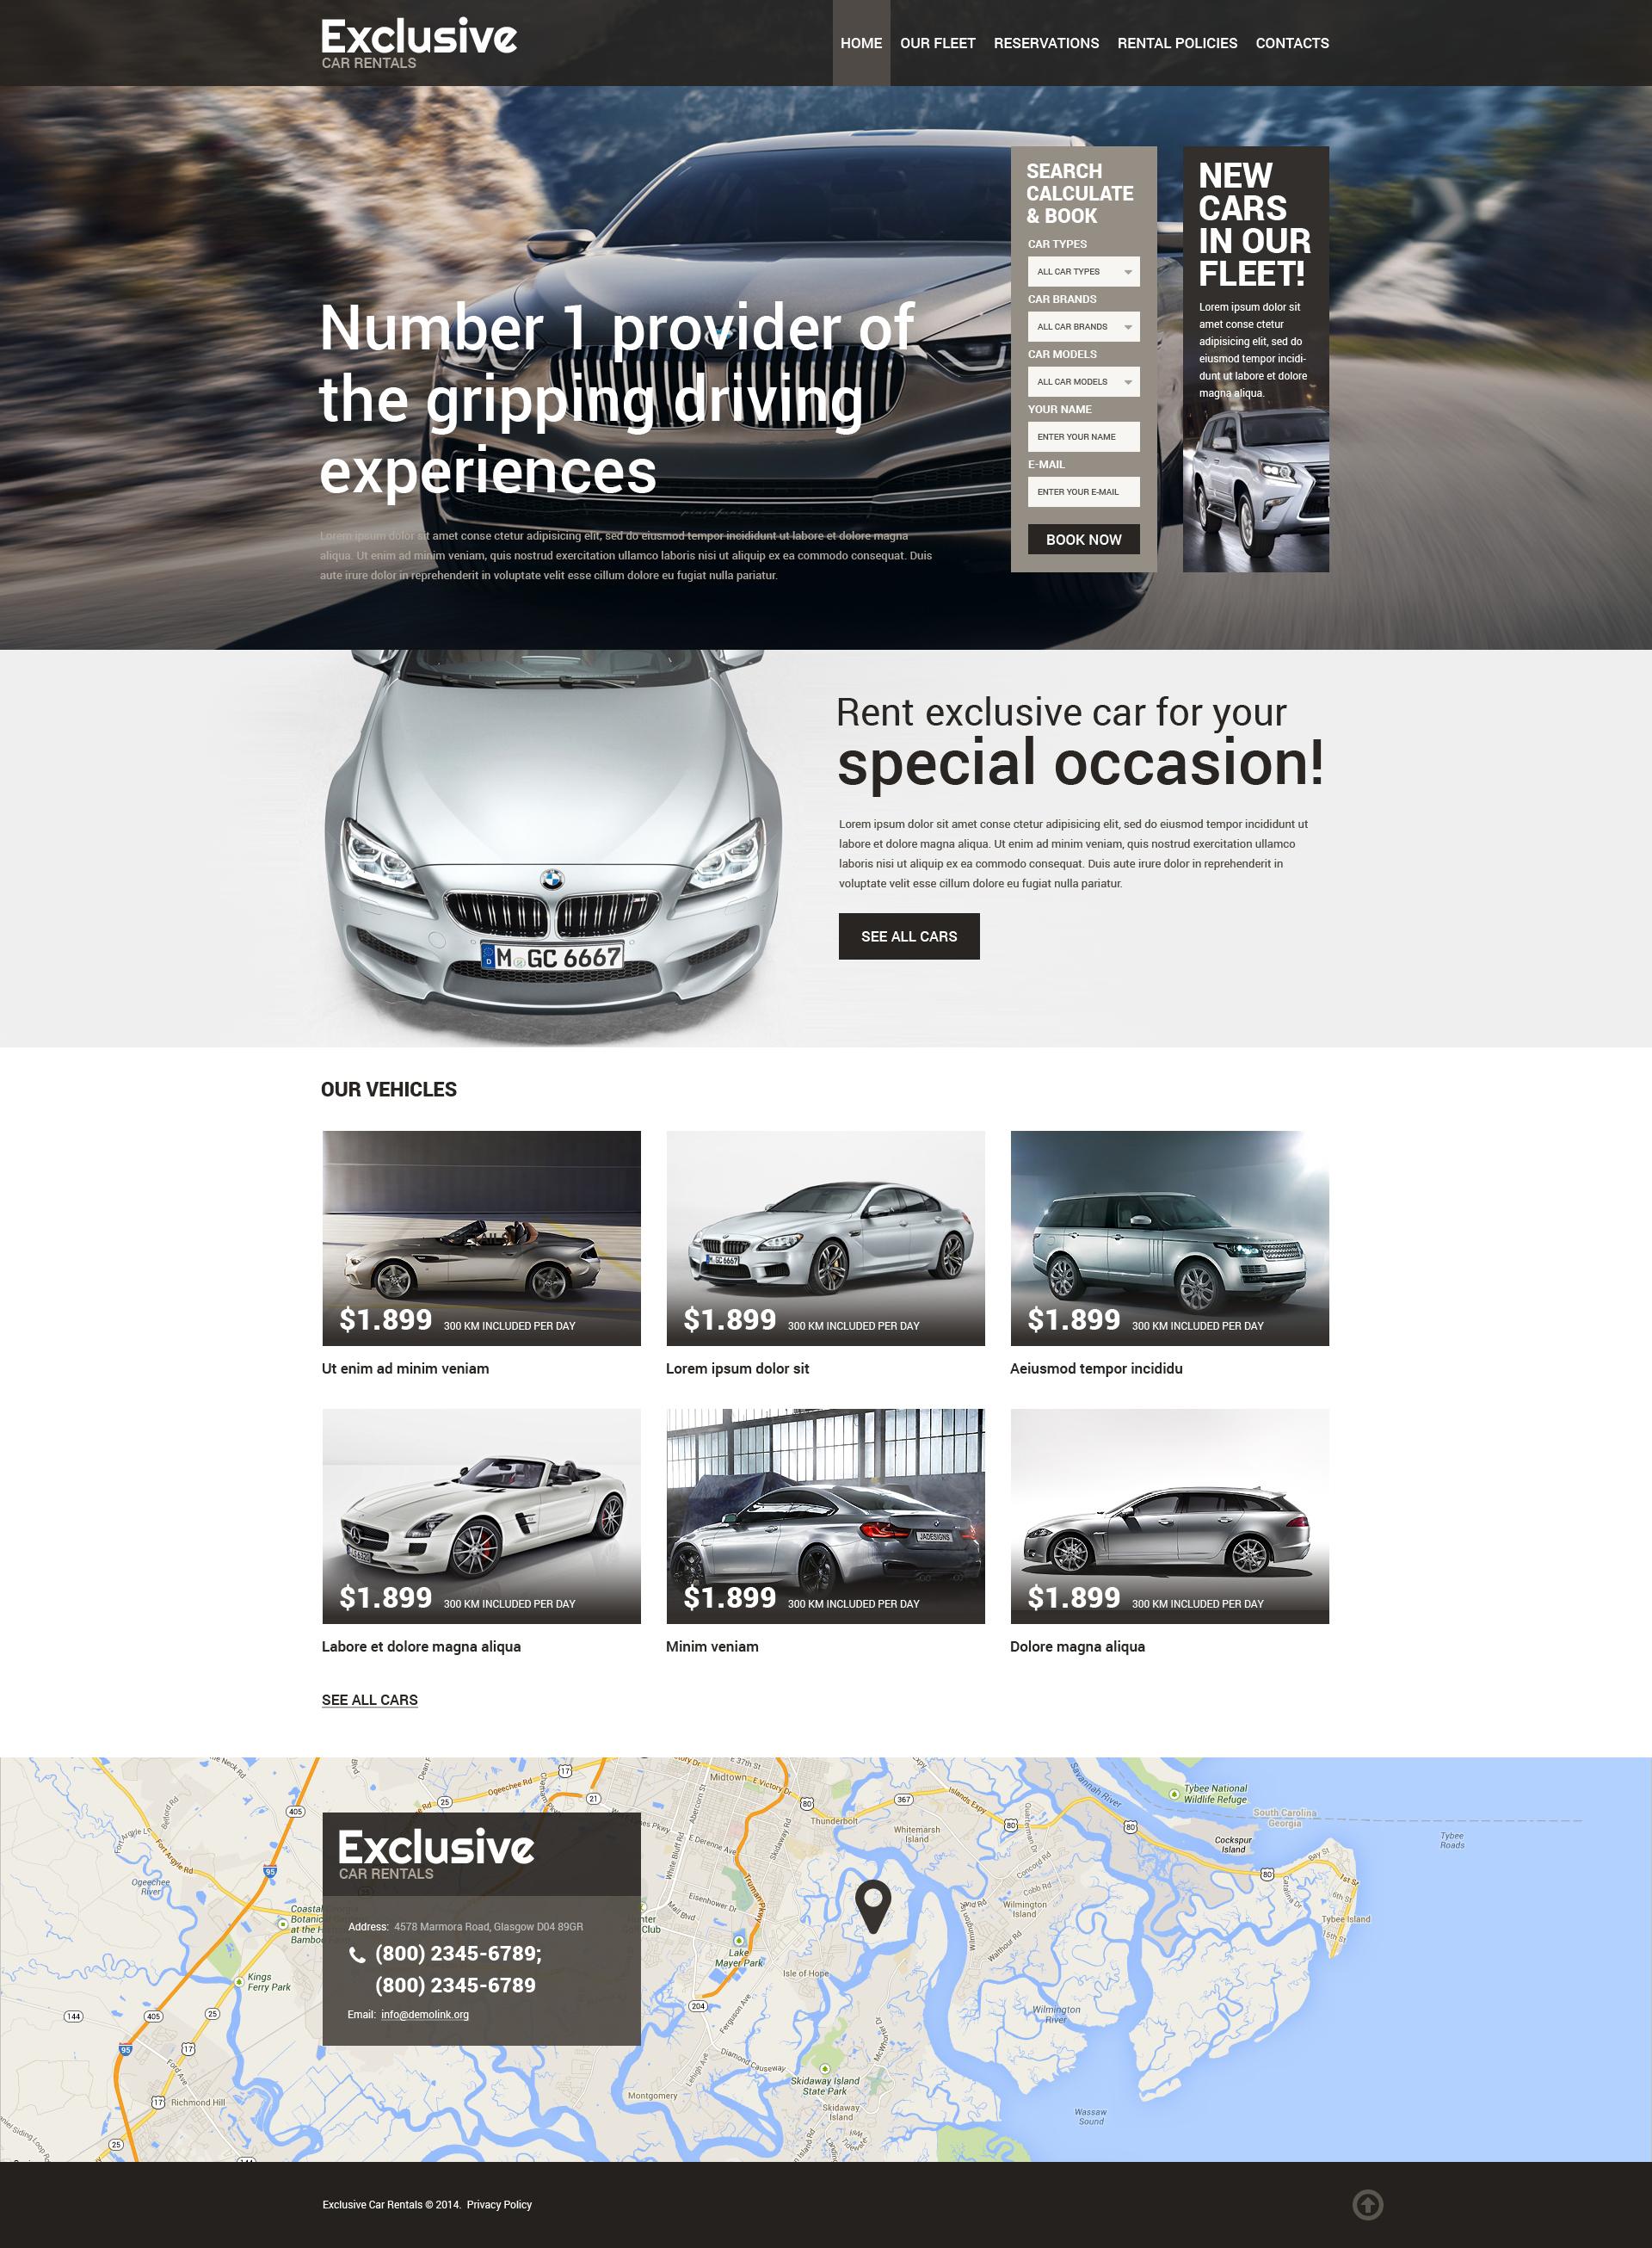 Plantilla Web Responsive para Sitio de Alquiler de coches #50771 - captura de pantalla